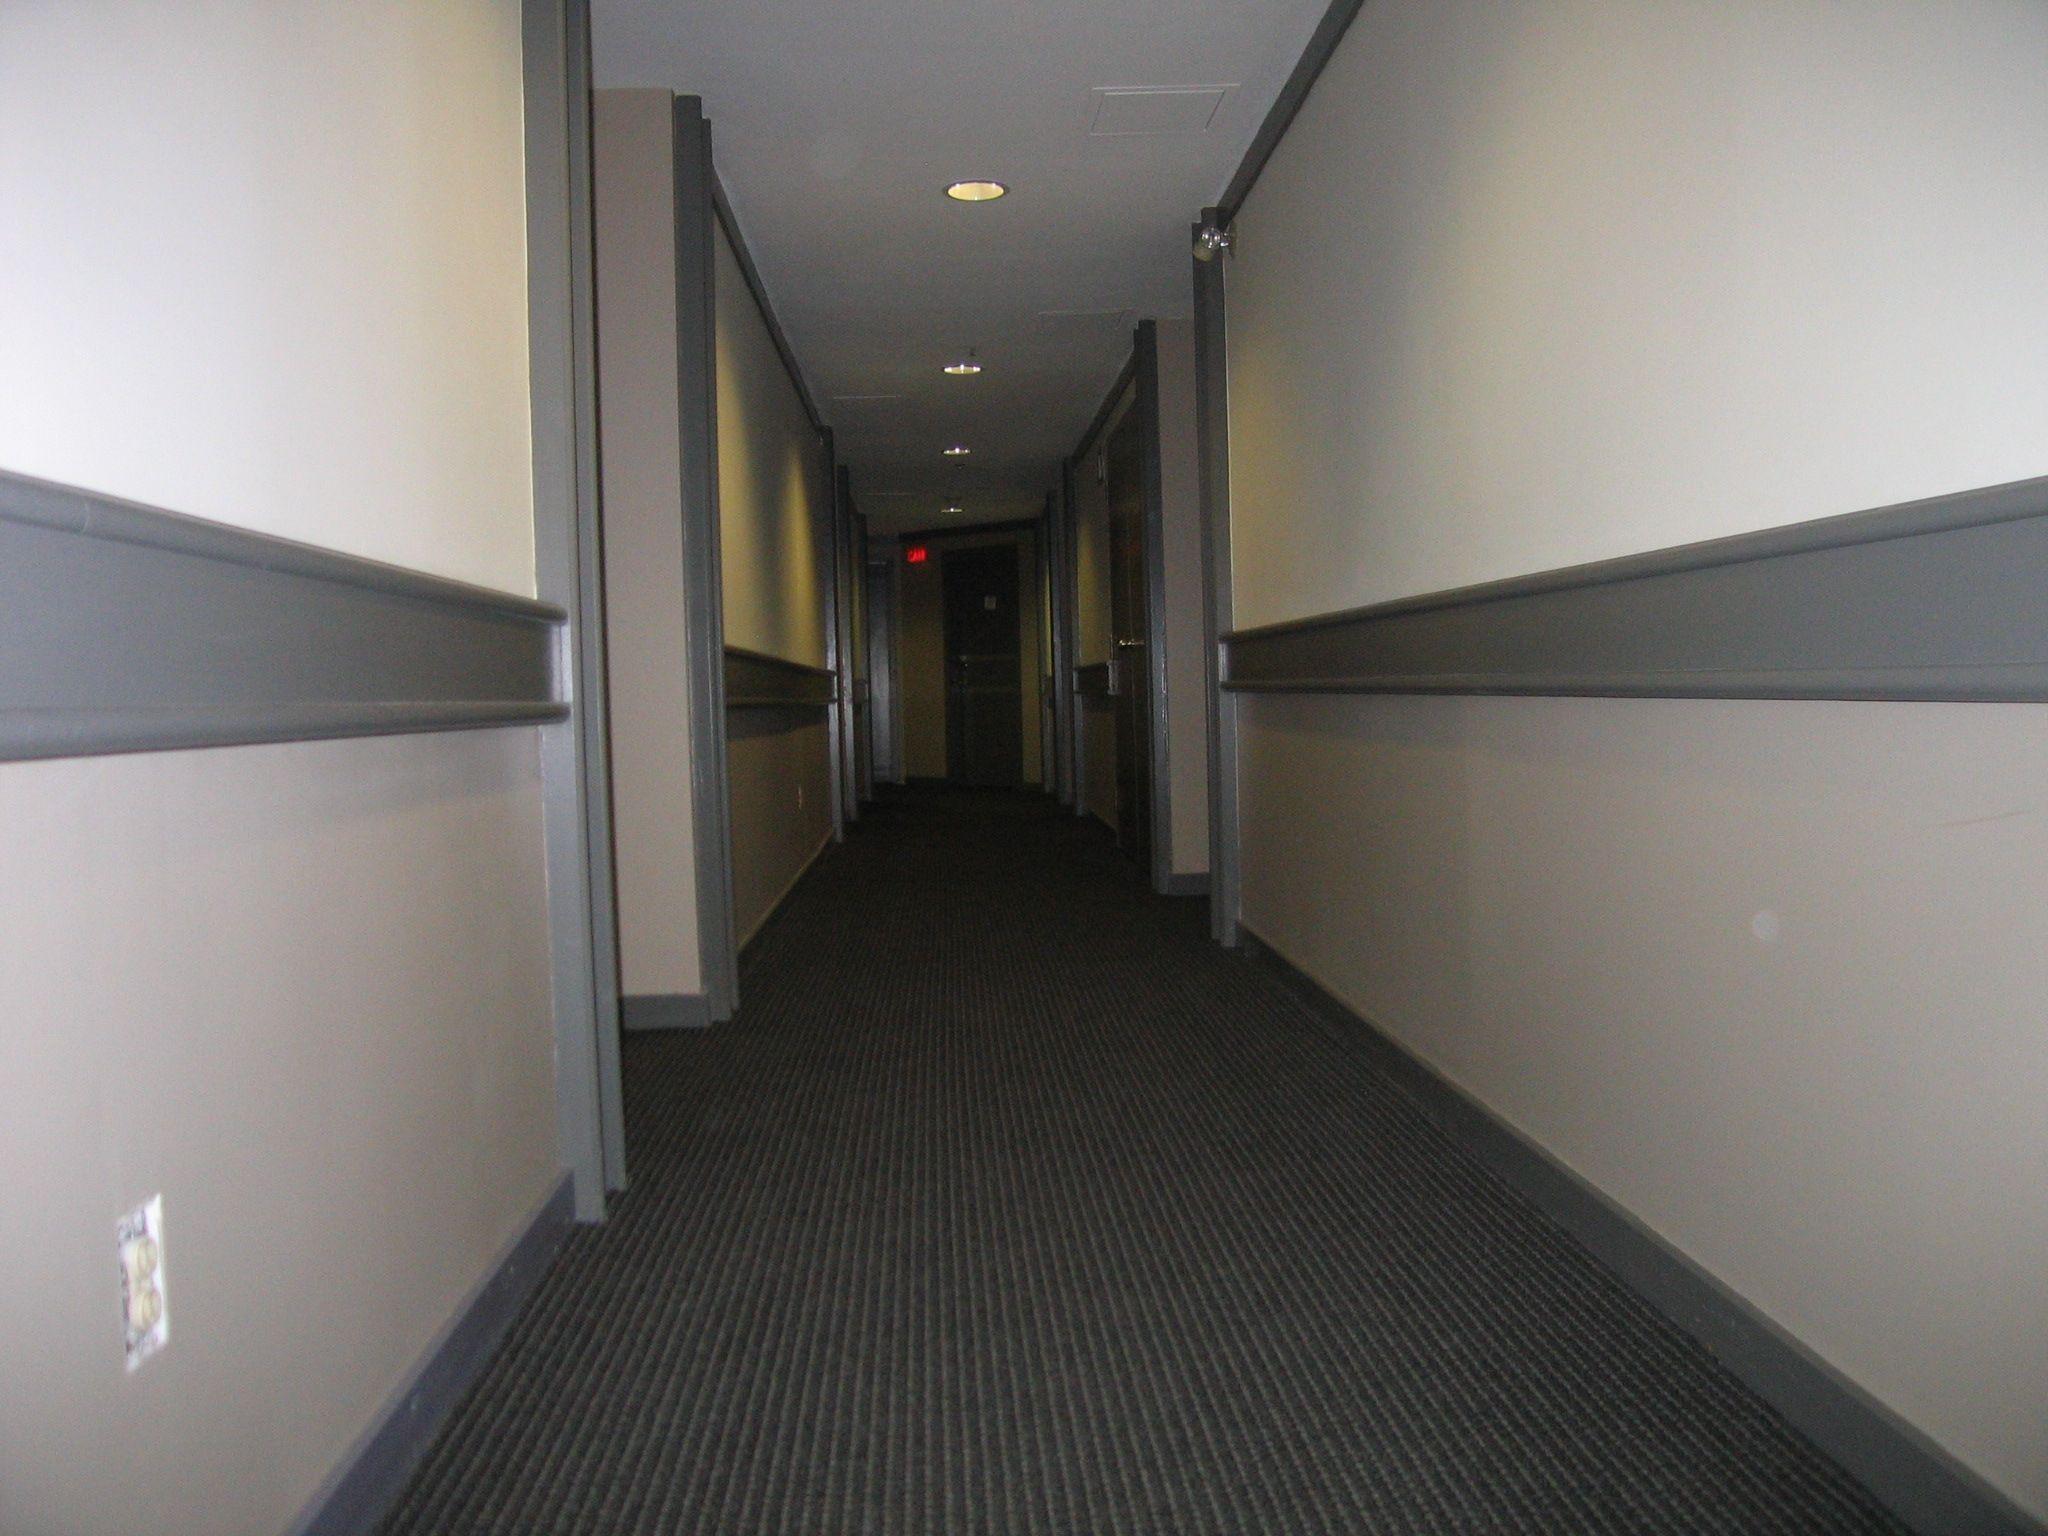 Condminium hallways kitsilano condo interior colour make for Interior designs for hallways